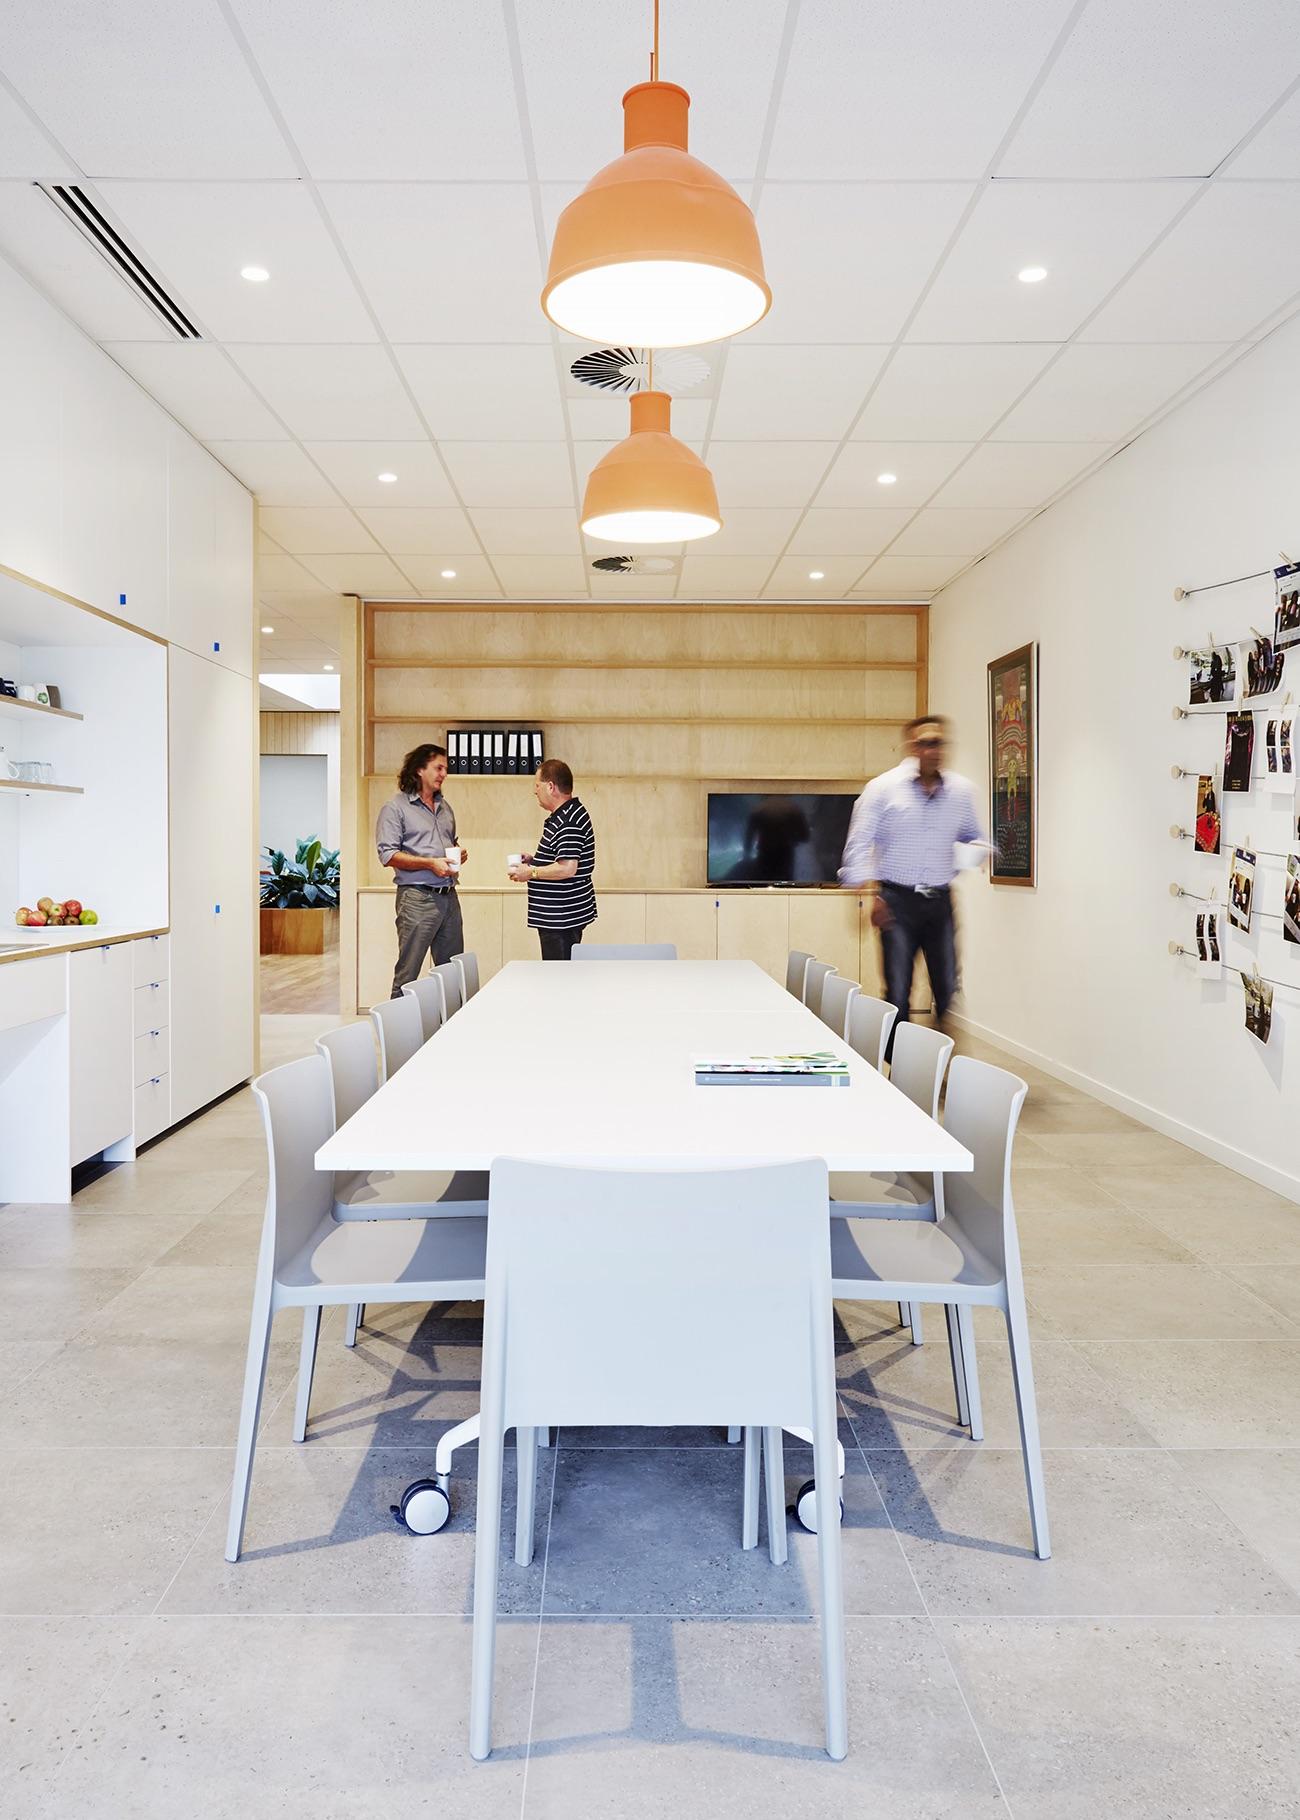 Chaulk Studio